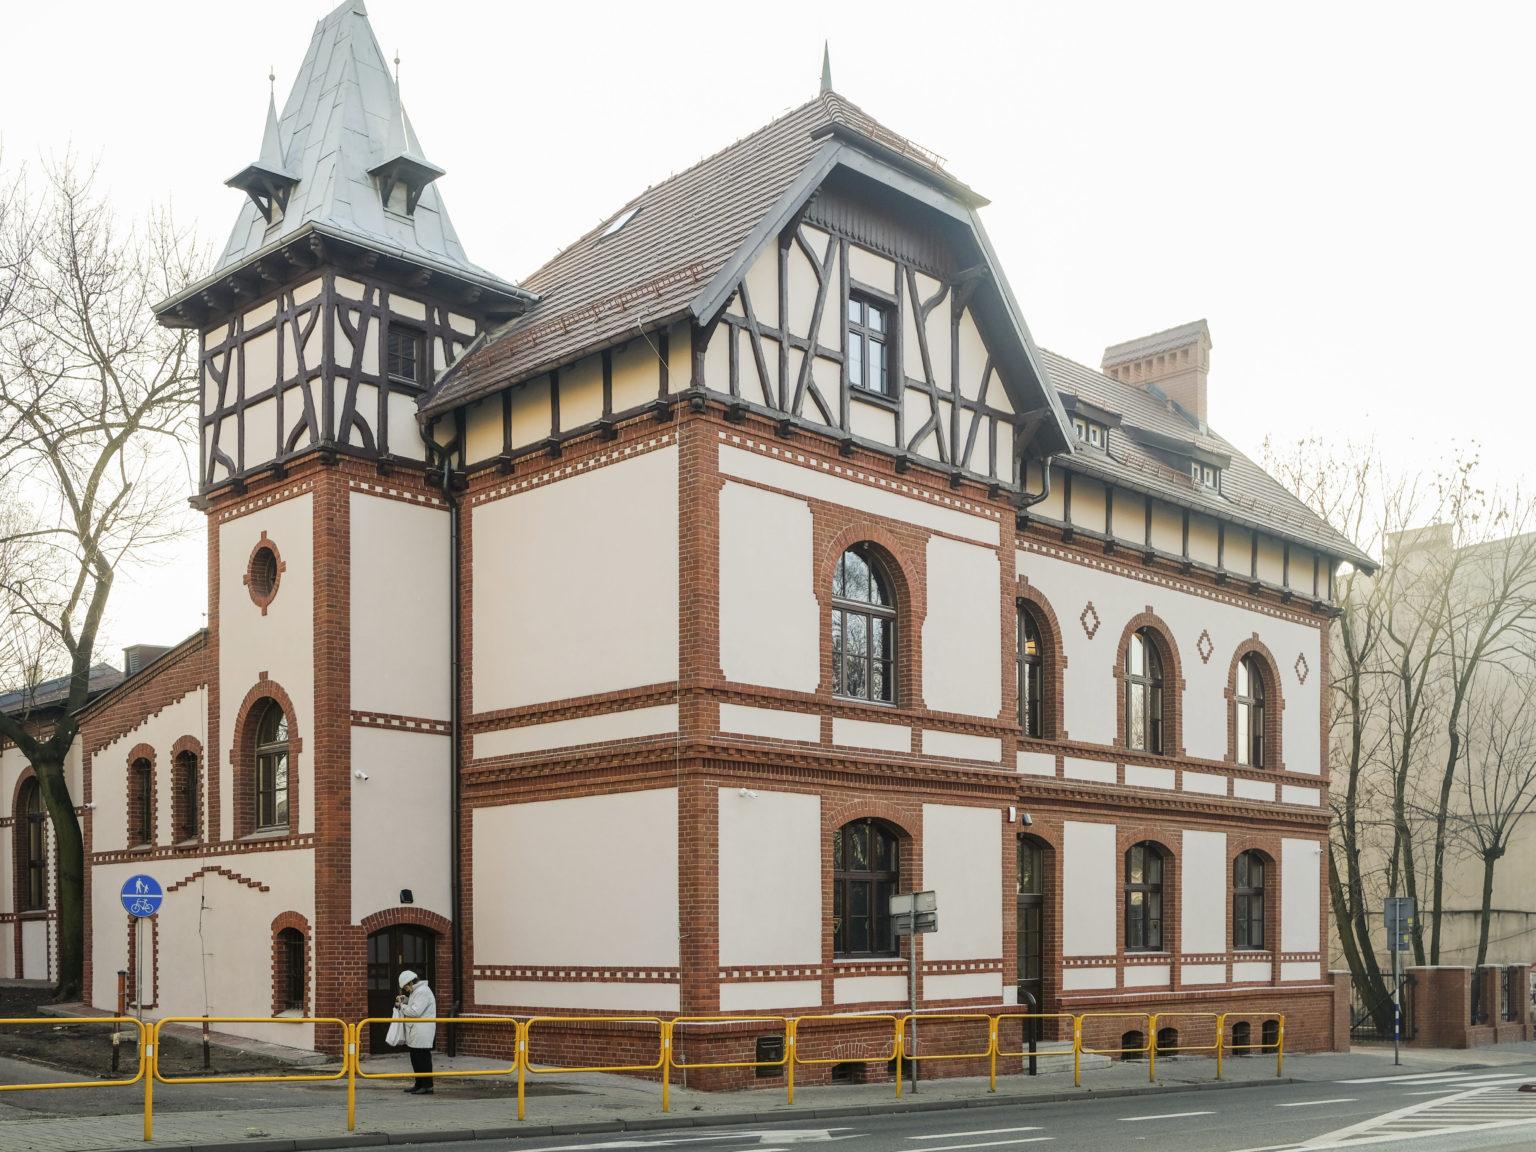 Zdjęcie przedstawiające elewację budynku przy ul. Dąbrowskiego 7